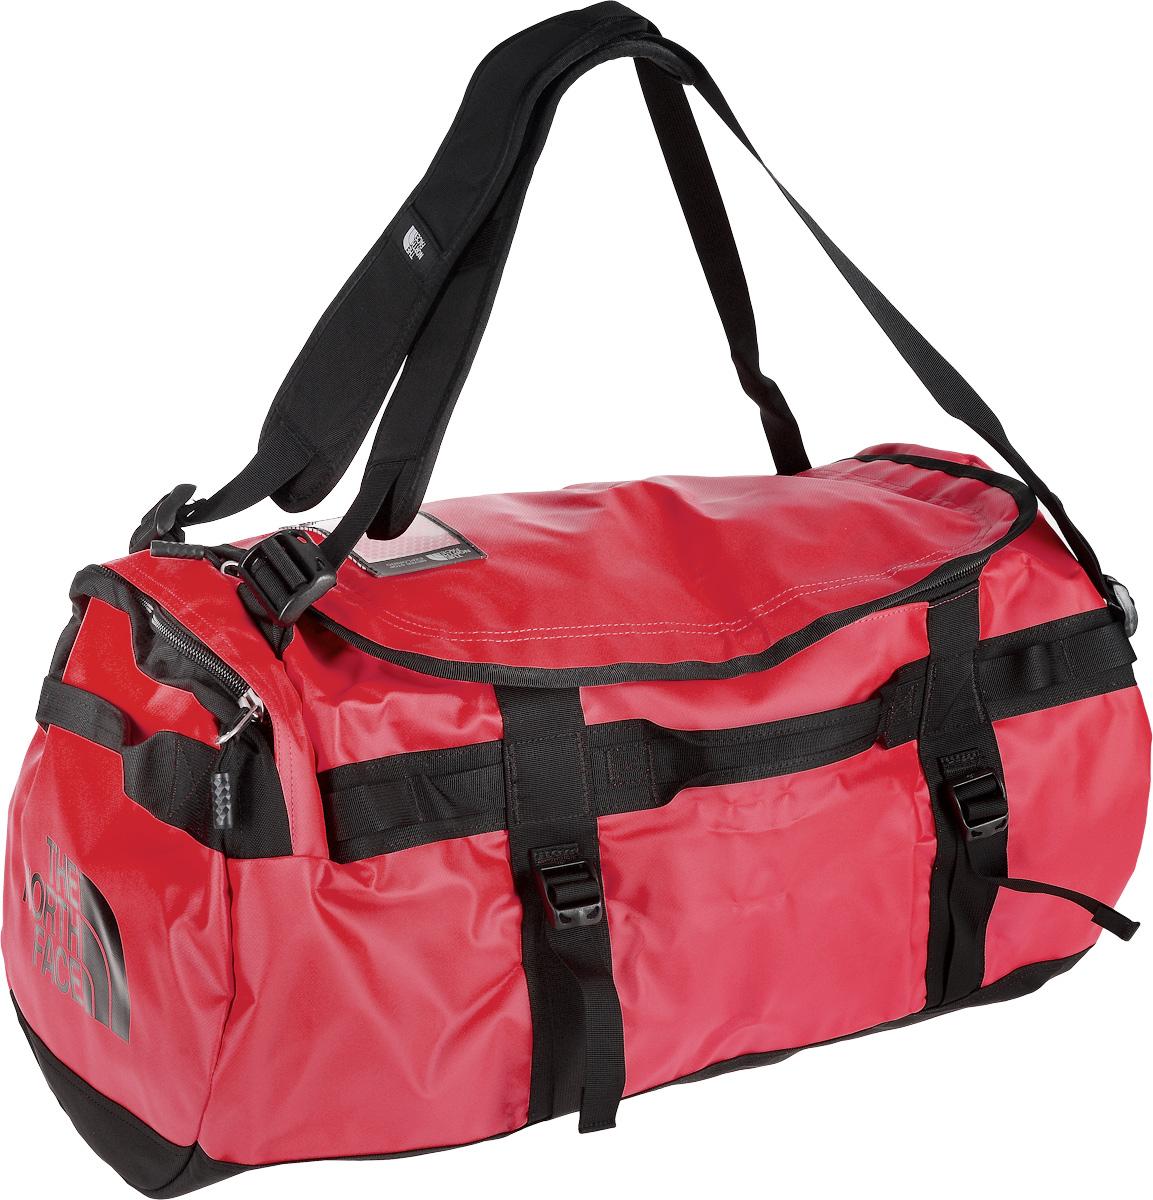 Сумка-рюкзак The North Face, цвет: красный, черный, 71 л. CWW2_KZ3Костюм Охотник-Штурм: куртка, брюкиУдобная экспедиционная сумка-рюкзак The North Face, вместительная модель, которая подойдет на любой жизненный случай. Изготовлена модель из сочетания водонепроницаемого баллистического нейлона и полиэстера с TPE ламинированием. Корпус изделия укреплен поперечными лентами с двойной отстрочкой и по бокам четырьмя лентами для утяжки.Модель имеет улучшенные эргономичные плечевые лямки, новые укрепленные боковые ручки, которые позволяют с удобством переносить или тащить тяжелые грузы. Основное отделение сумки застегивается на U-образную молнию с защитой от влаги. Также изделие оснащено дополнительным боковым карманом на молнии с внутренним сетчатым кармашком. Верхняя крышка сумки дополнена небольшим отделением для бейджа с персональными данными, а с внутренней стороны имеет карман на молнии из сетчатой ткани. Оформлена модель износостойким принтом с логотипом бренда.